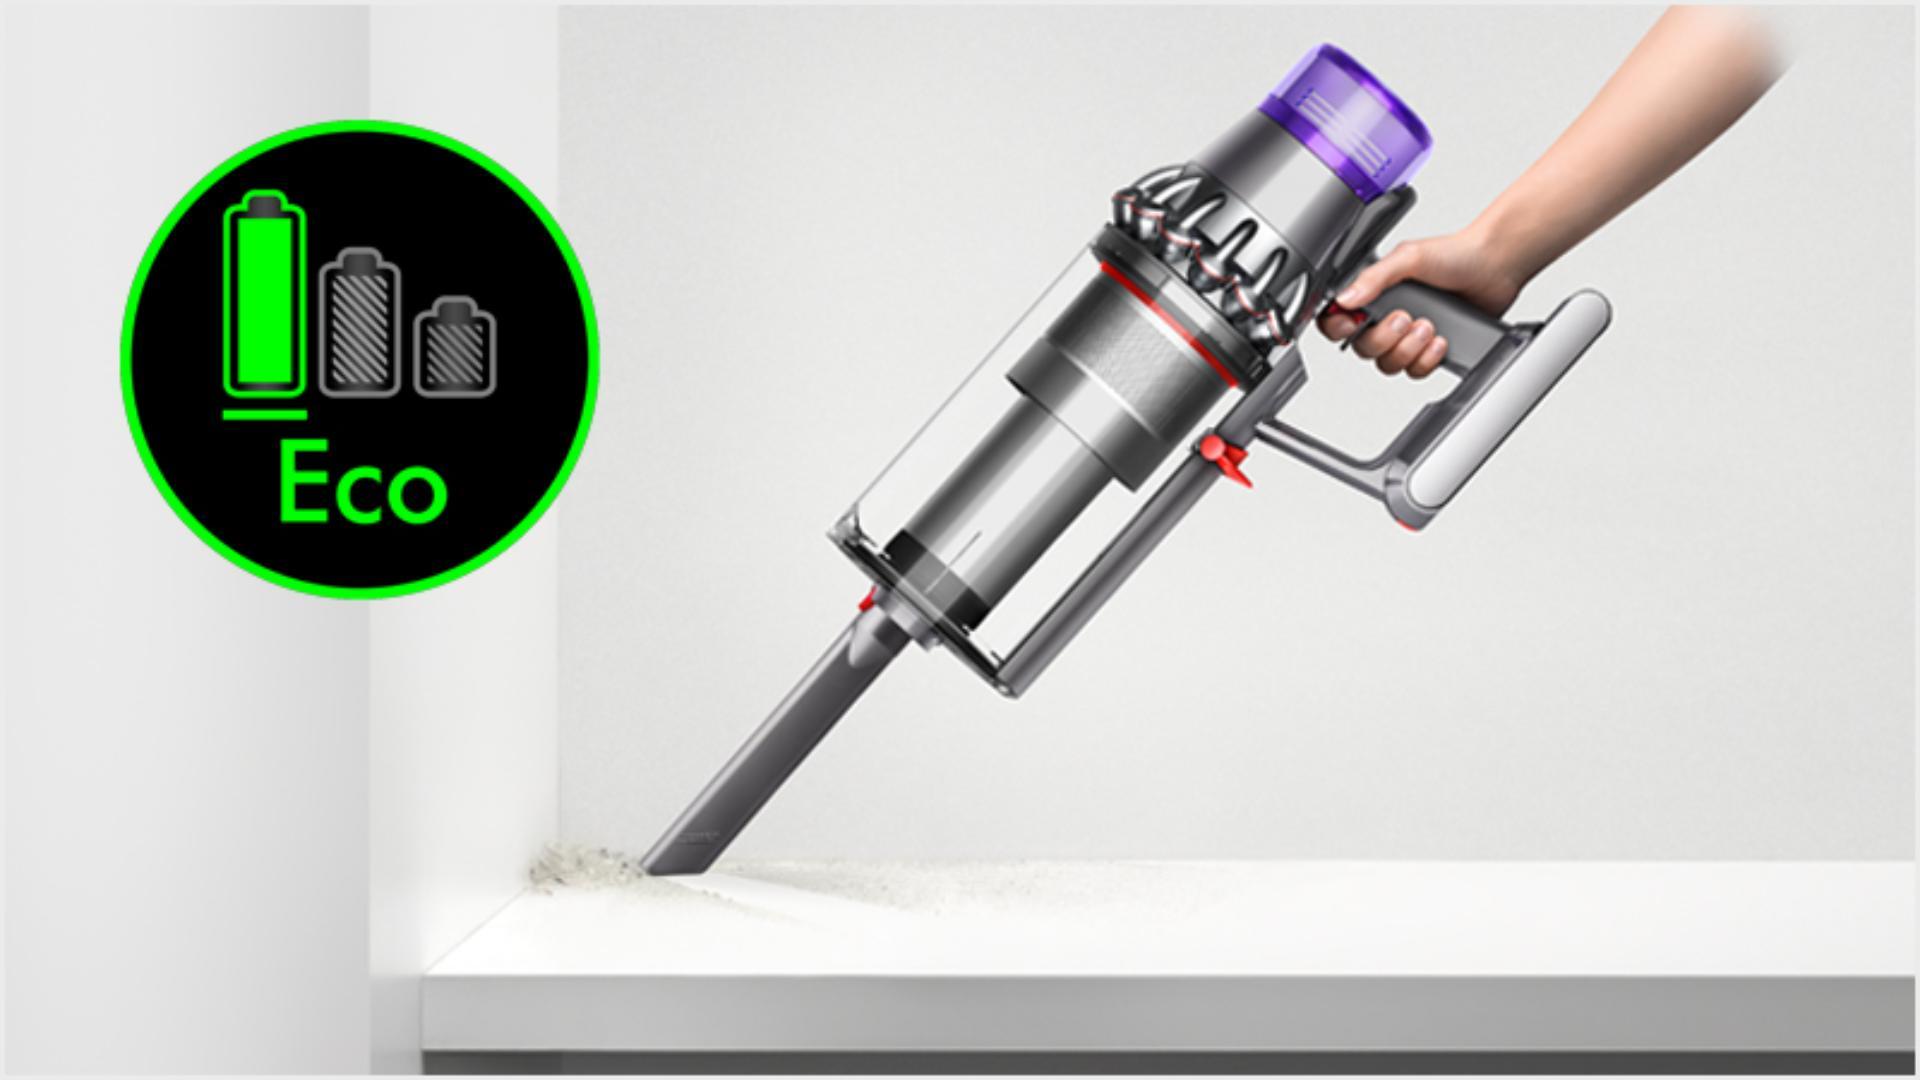 마룻바닥을 청소하는 핸디형 다이슨 아웃사이즈 무선 청소기.